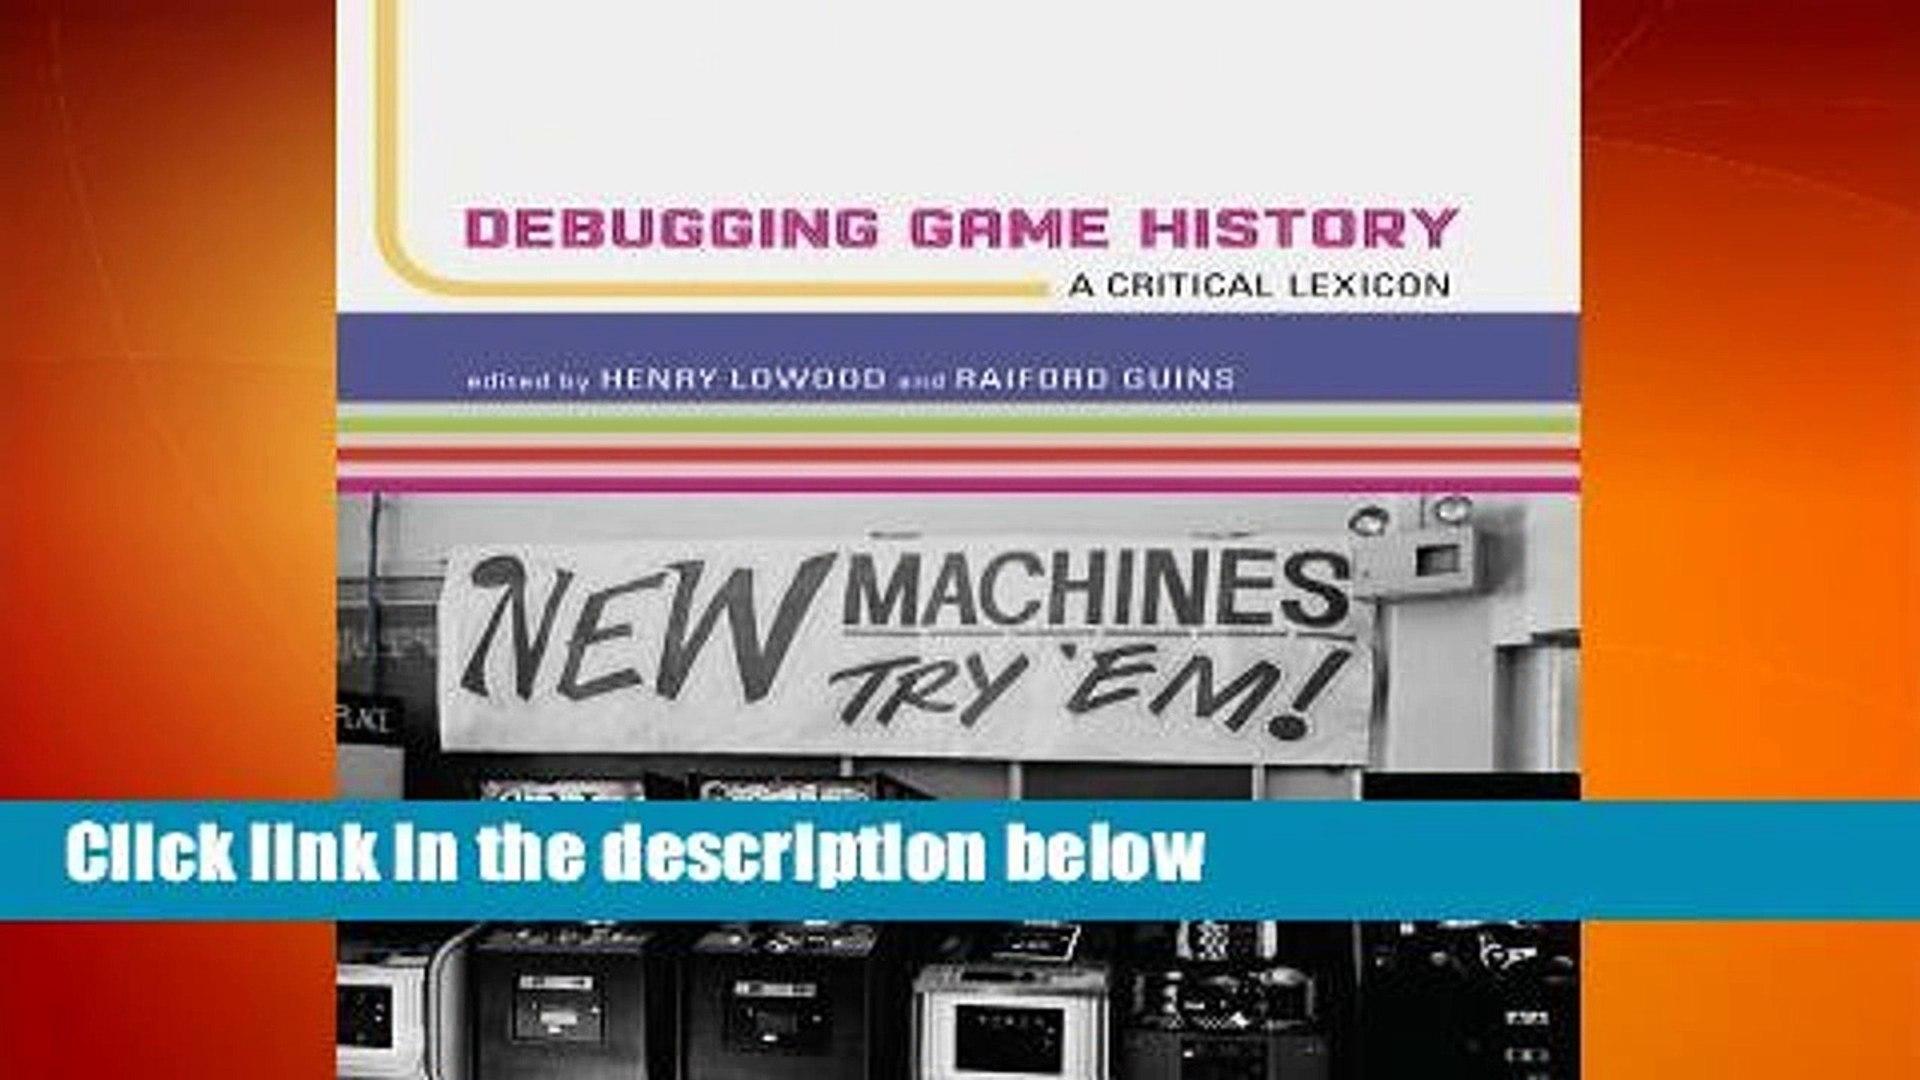 A Critical Lexicon Debugging Game History